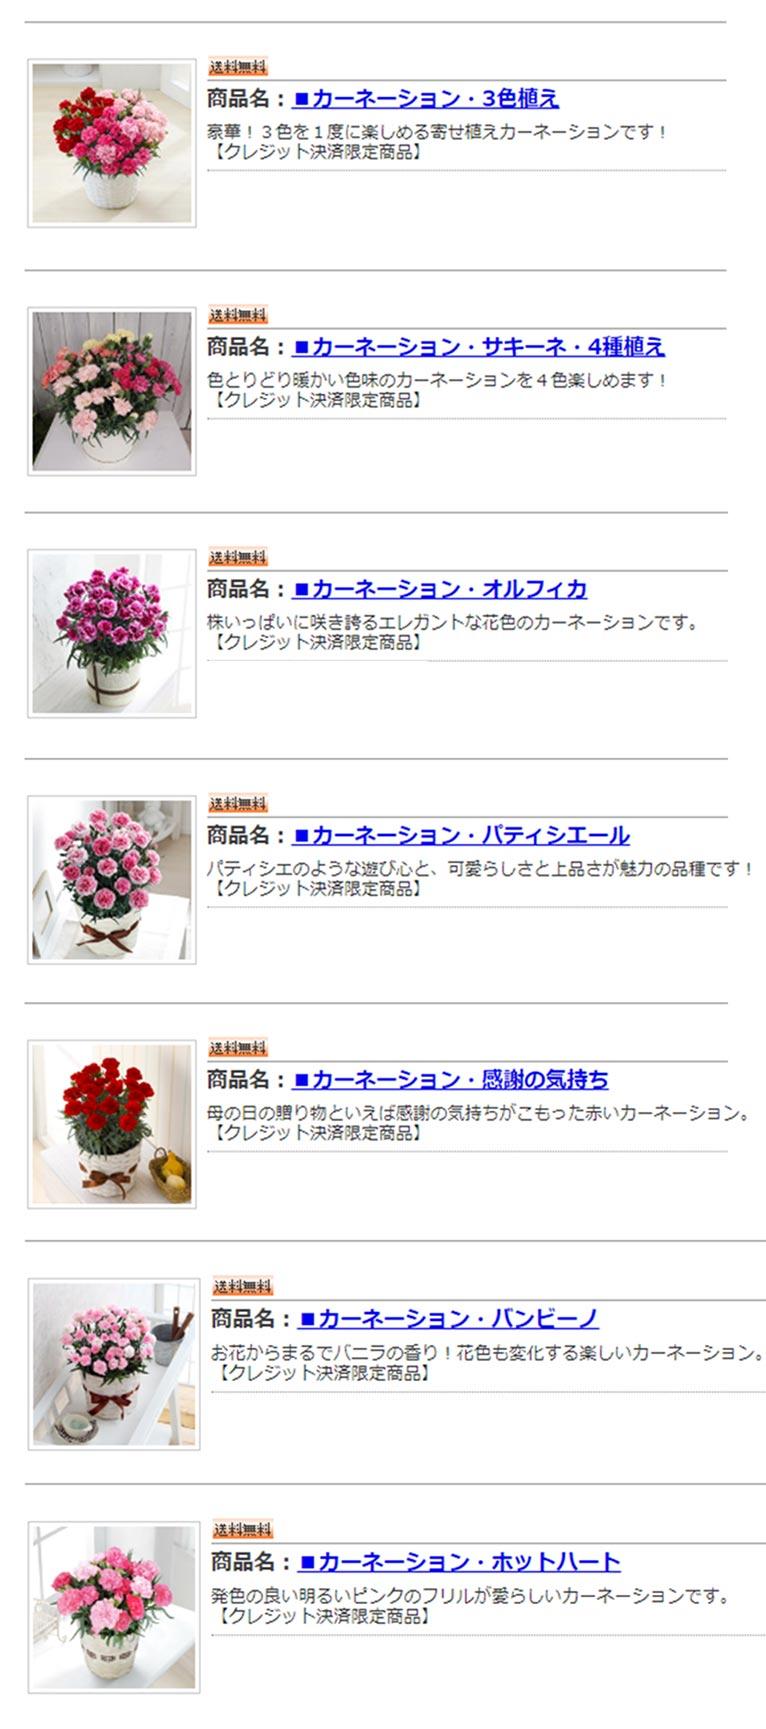 2020年3月12日~『母の日ギフト』の通信販売を開始しました。 通信販売サイト 富士山麓野菜オトノハ